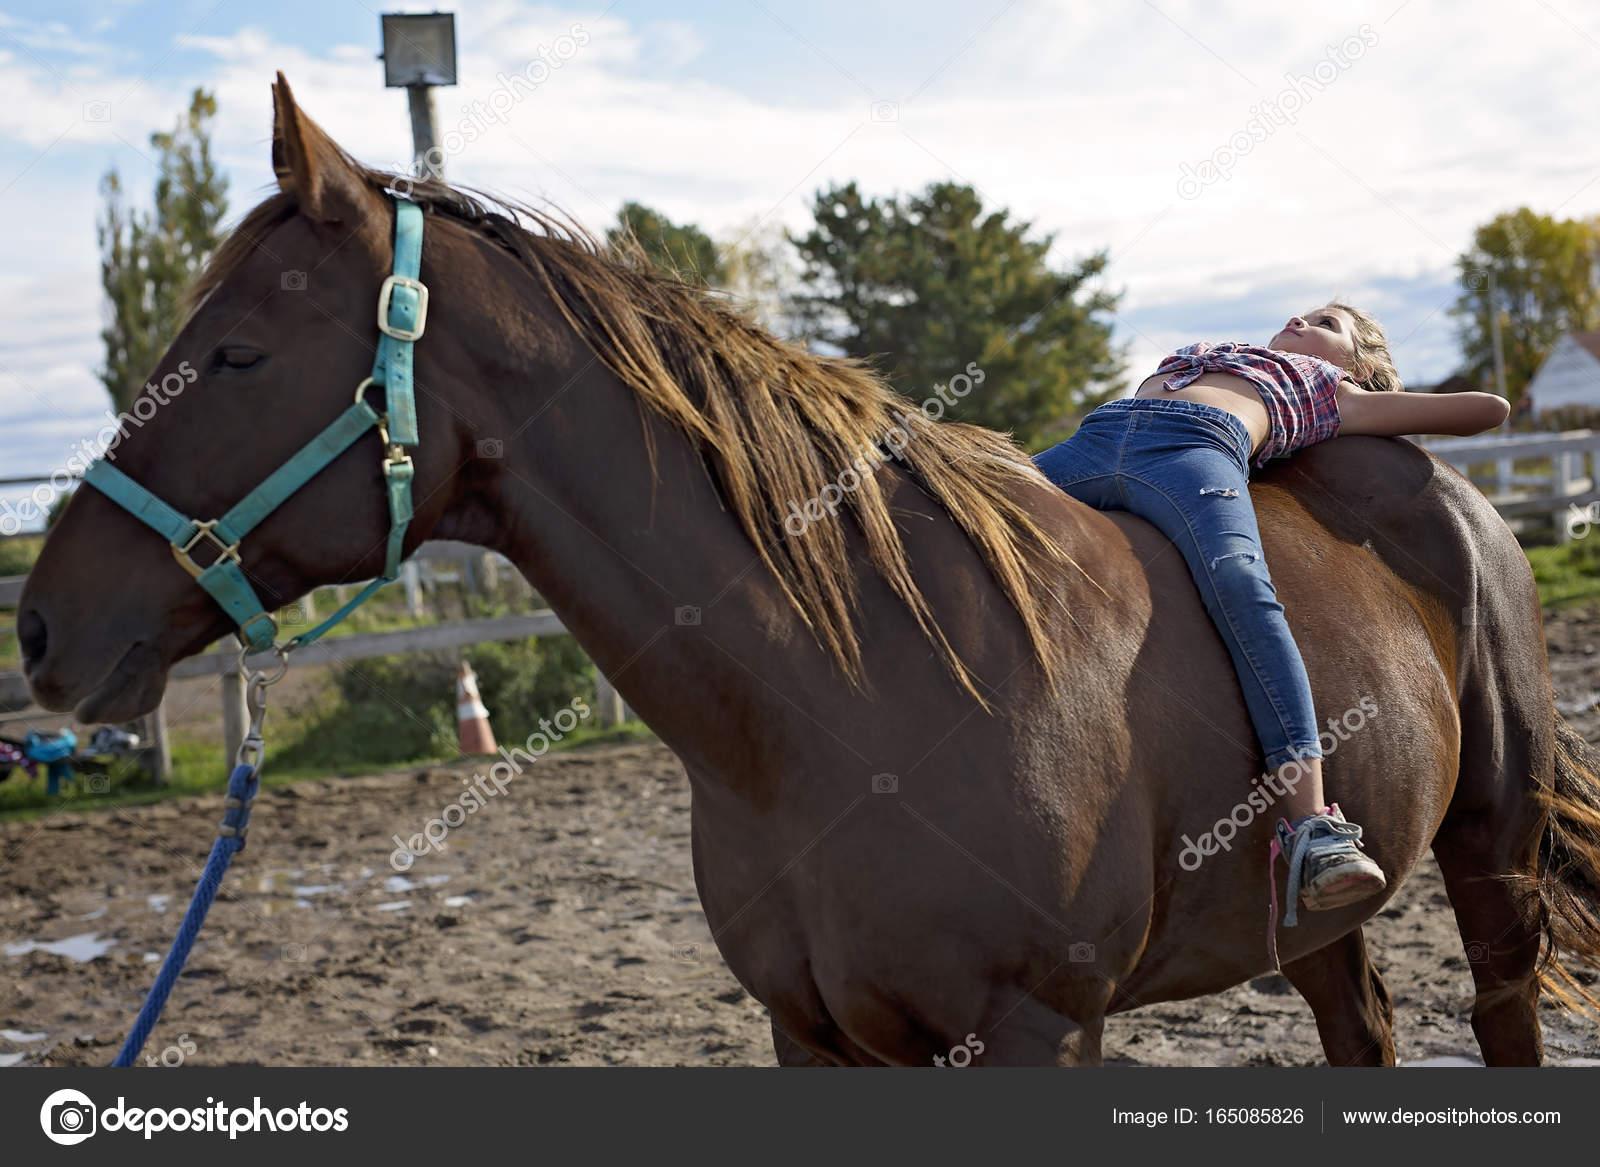 νεαρό άλογο κορίτσι vintage πλήρη πορνό ταινία